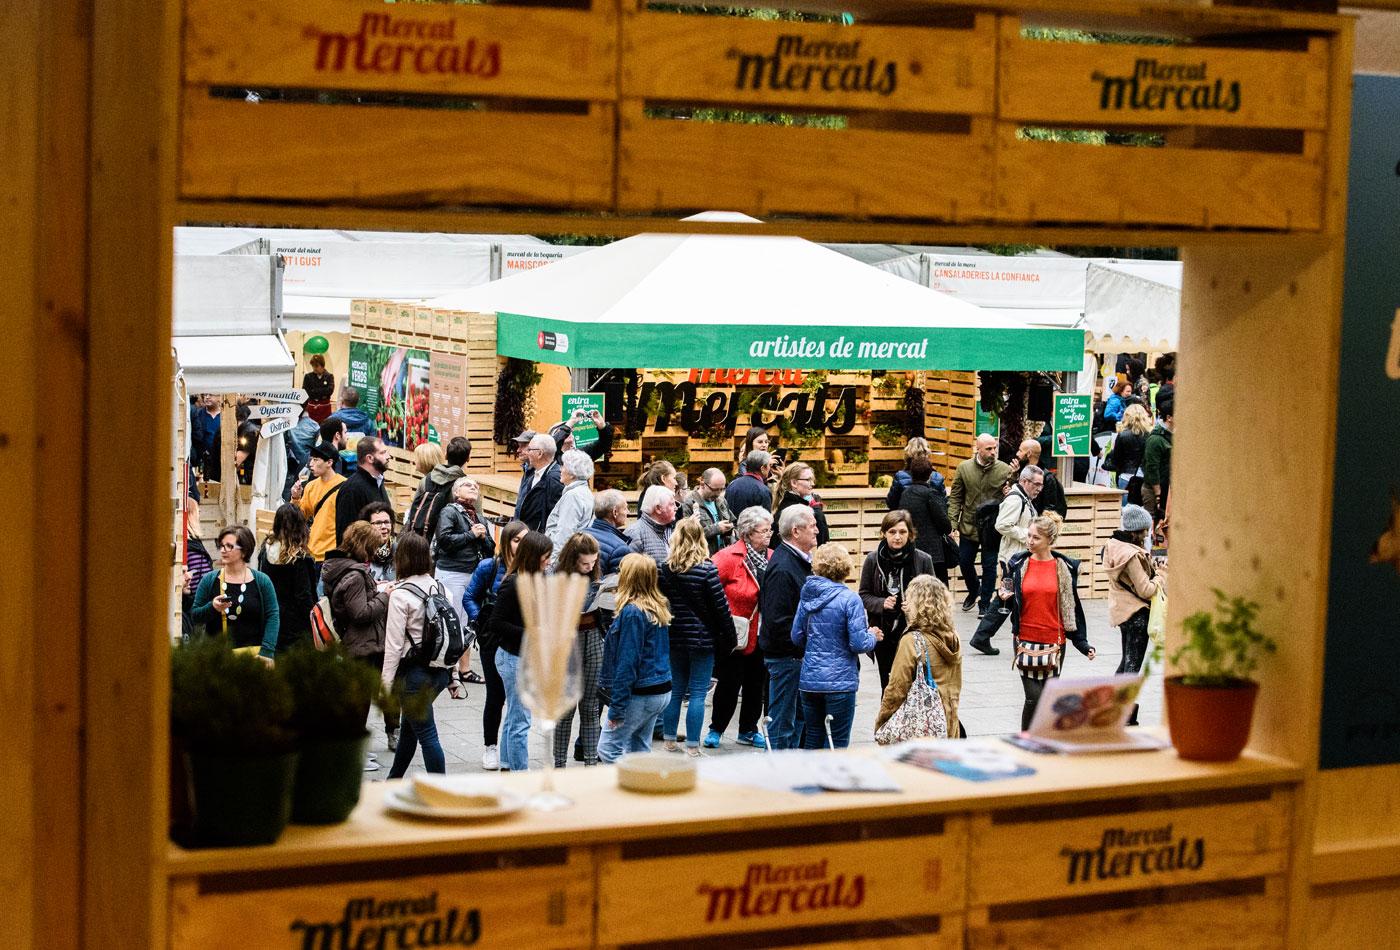 artistes-de-mercat-mercat-de-mercats-catedral-barcelona-2016